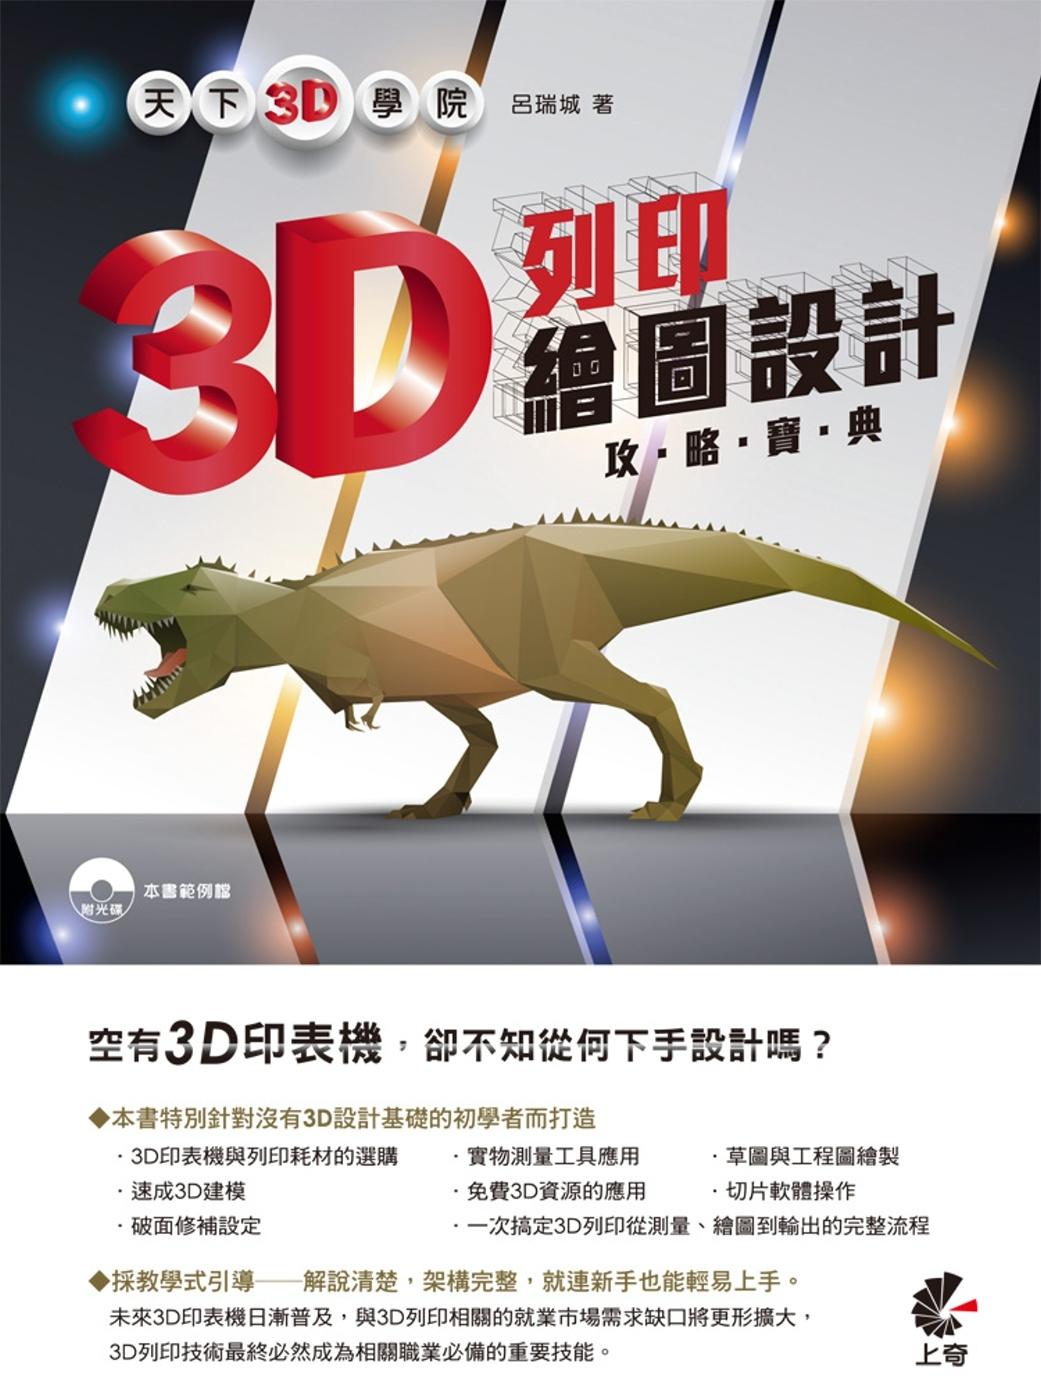 天下3D學院:3D列印繪圖設計攻略寶典